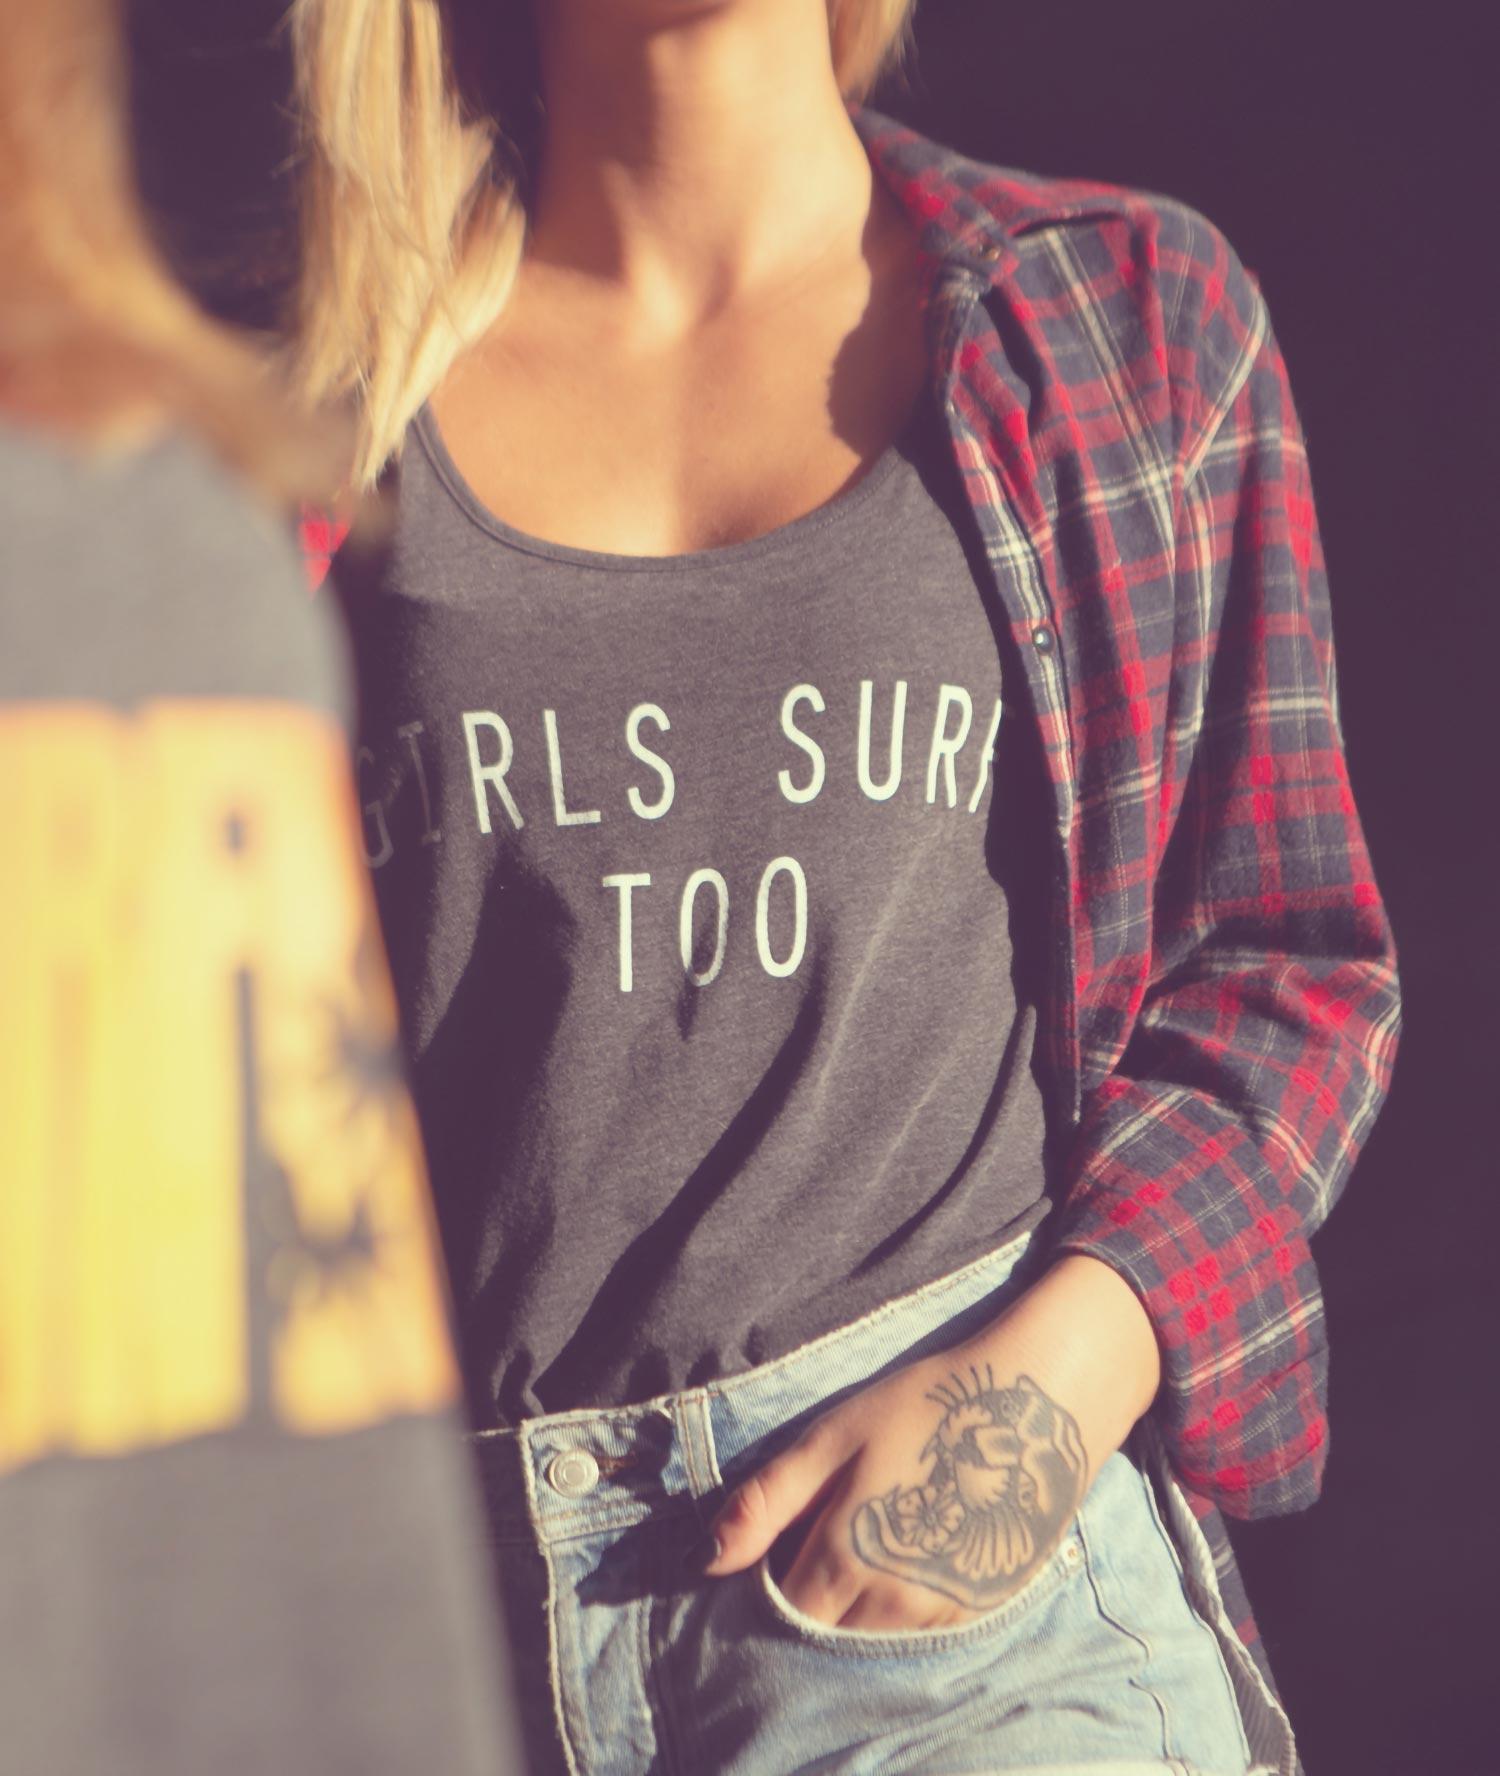 Ragazza con canotta grigia con scritta Girls Surf Too e camicia scozzese